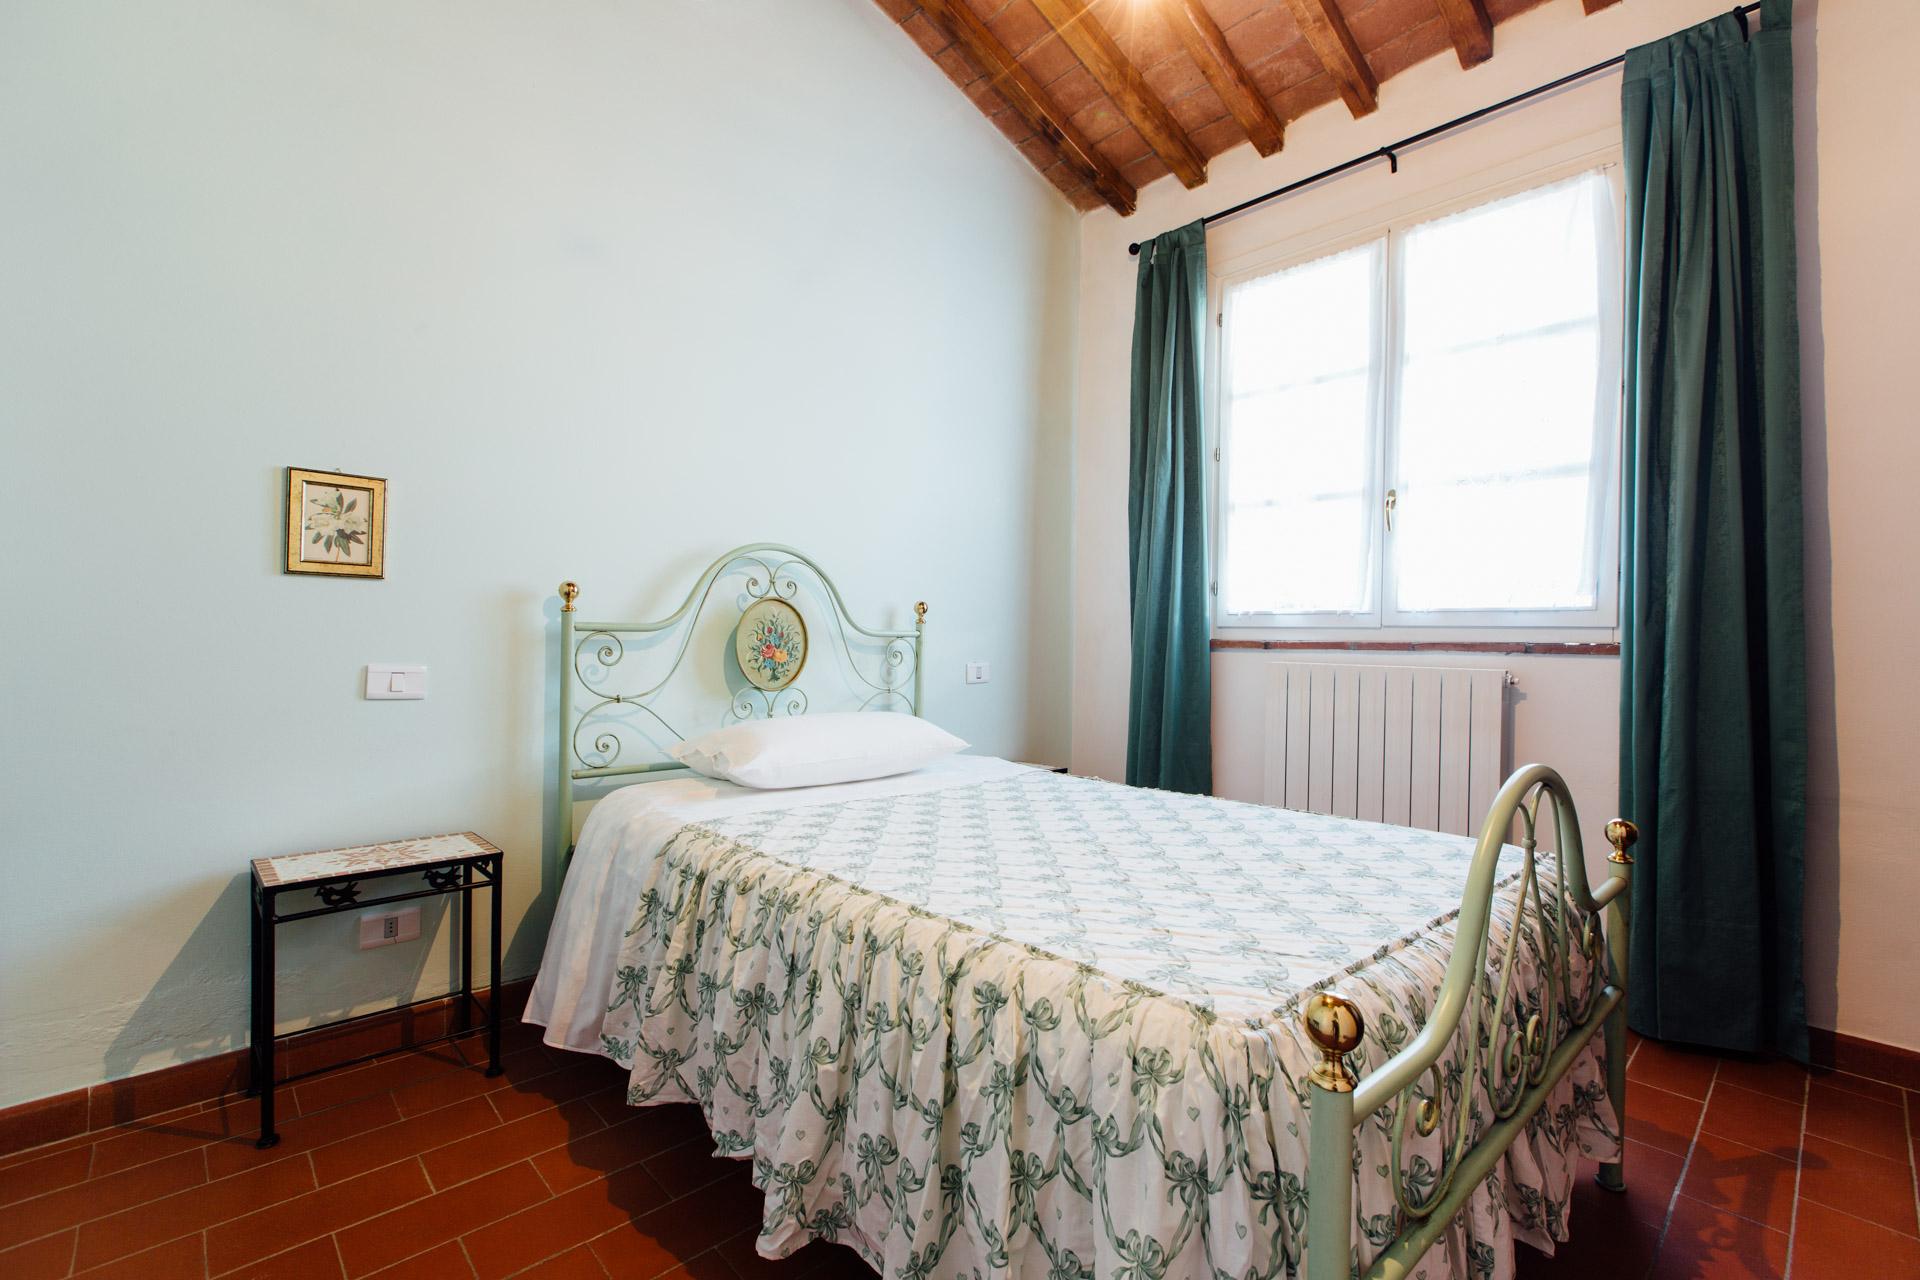 Camerina dell'Appartamento Albatro Agriturismo a Grosseto con Piscina - Agriturismo La Quercia vicino al Mare